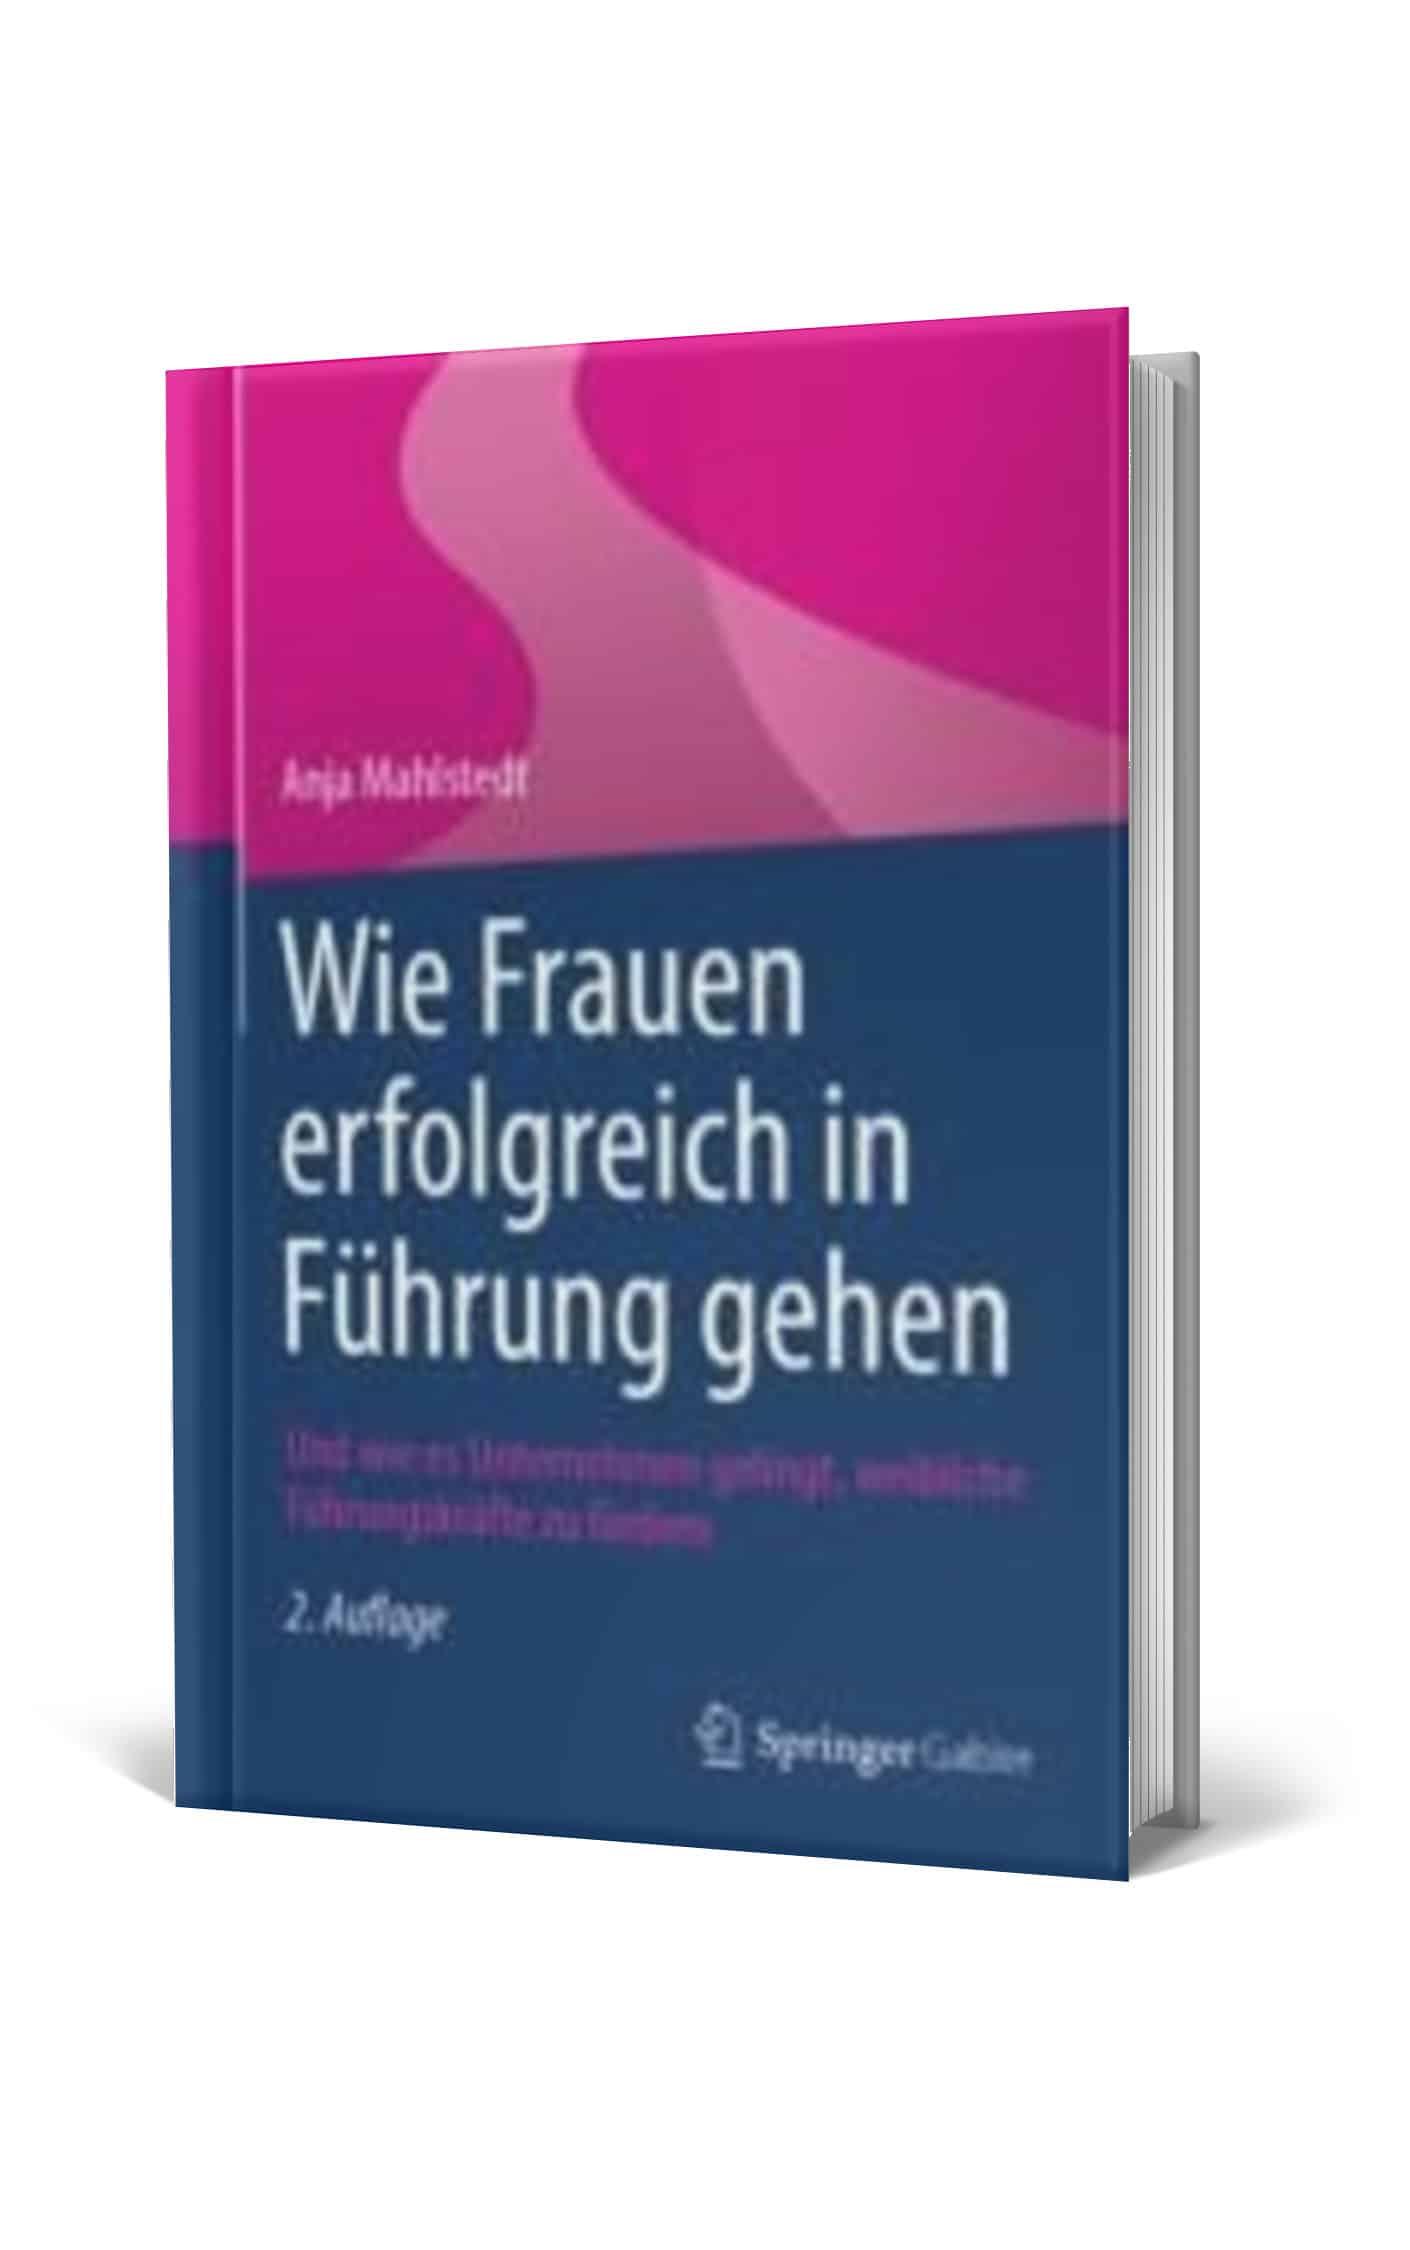 Anja Mahlstedt: Wie Frauen erfolgreich in Führung gehen, Springer Gabler Verlag